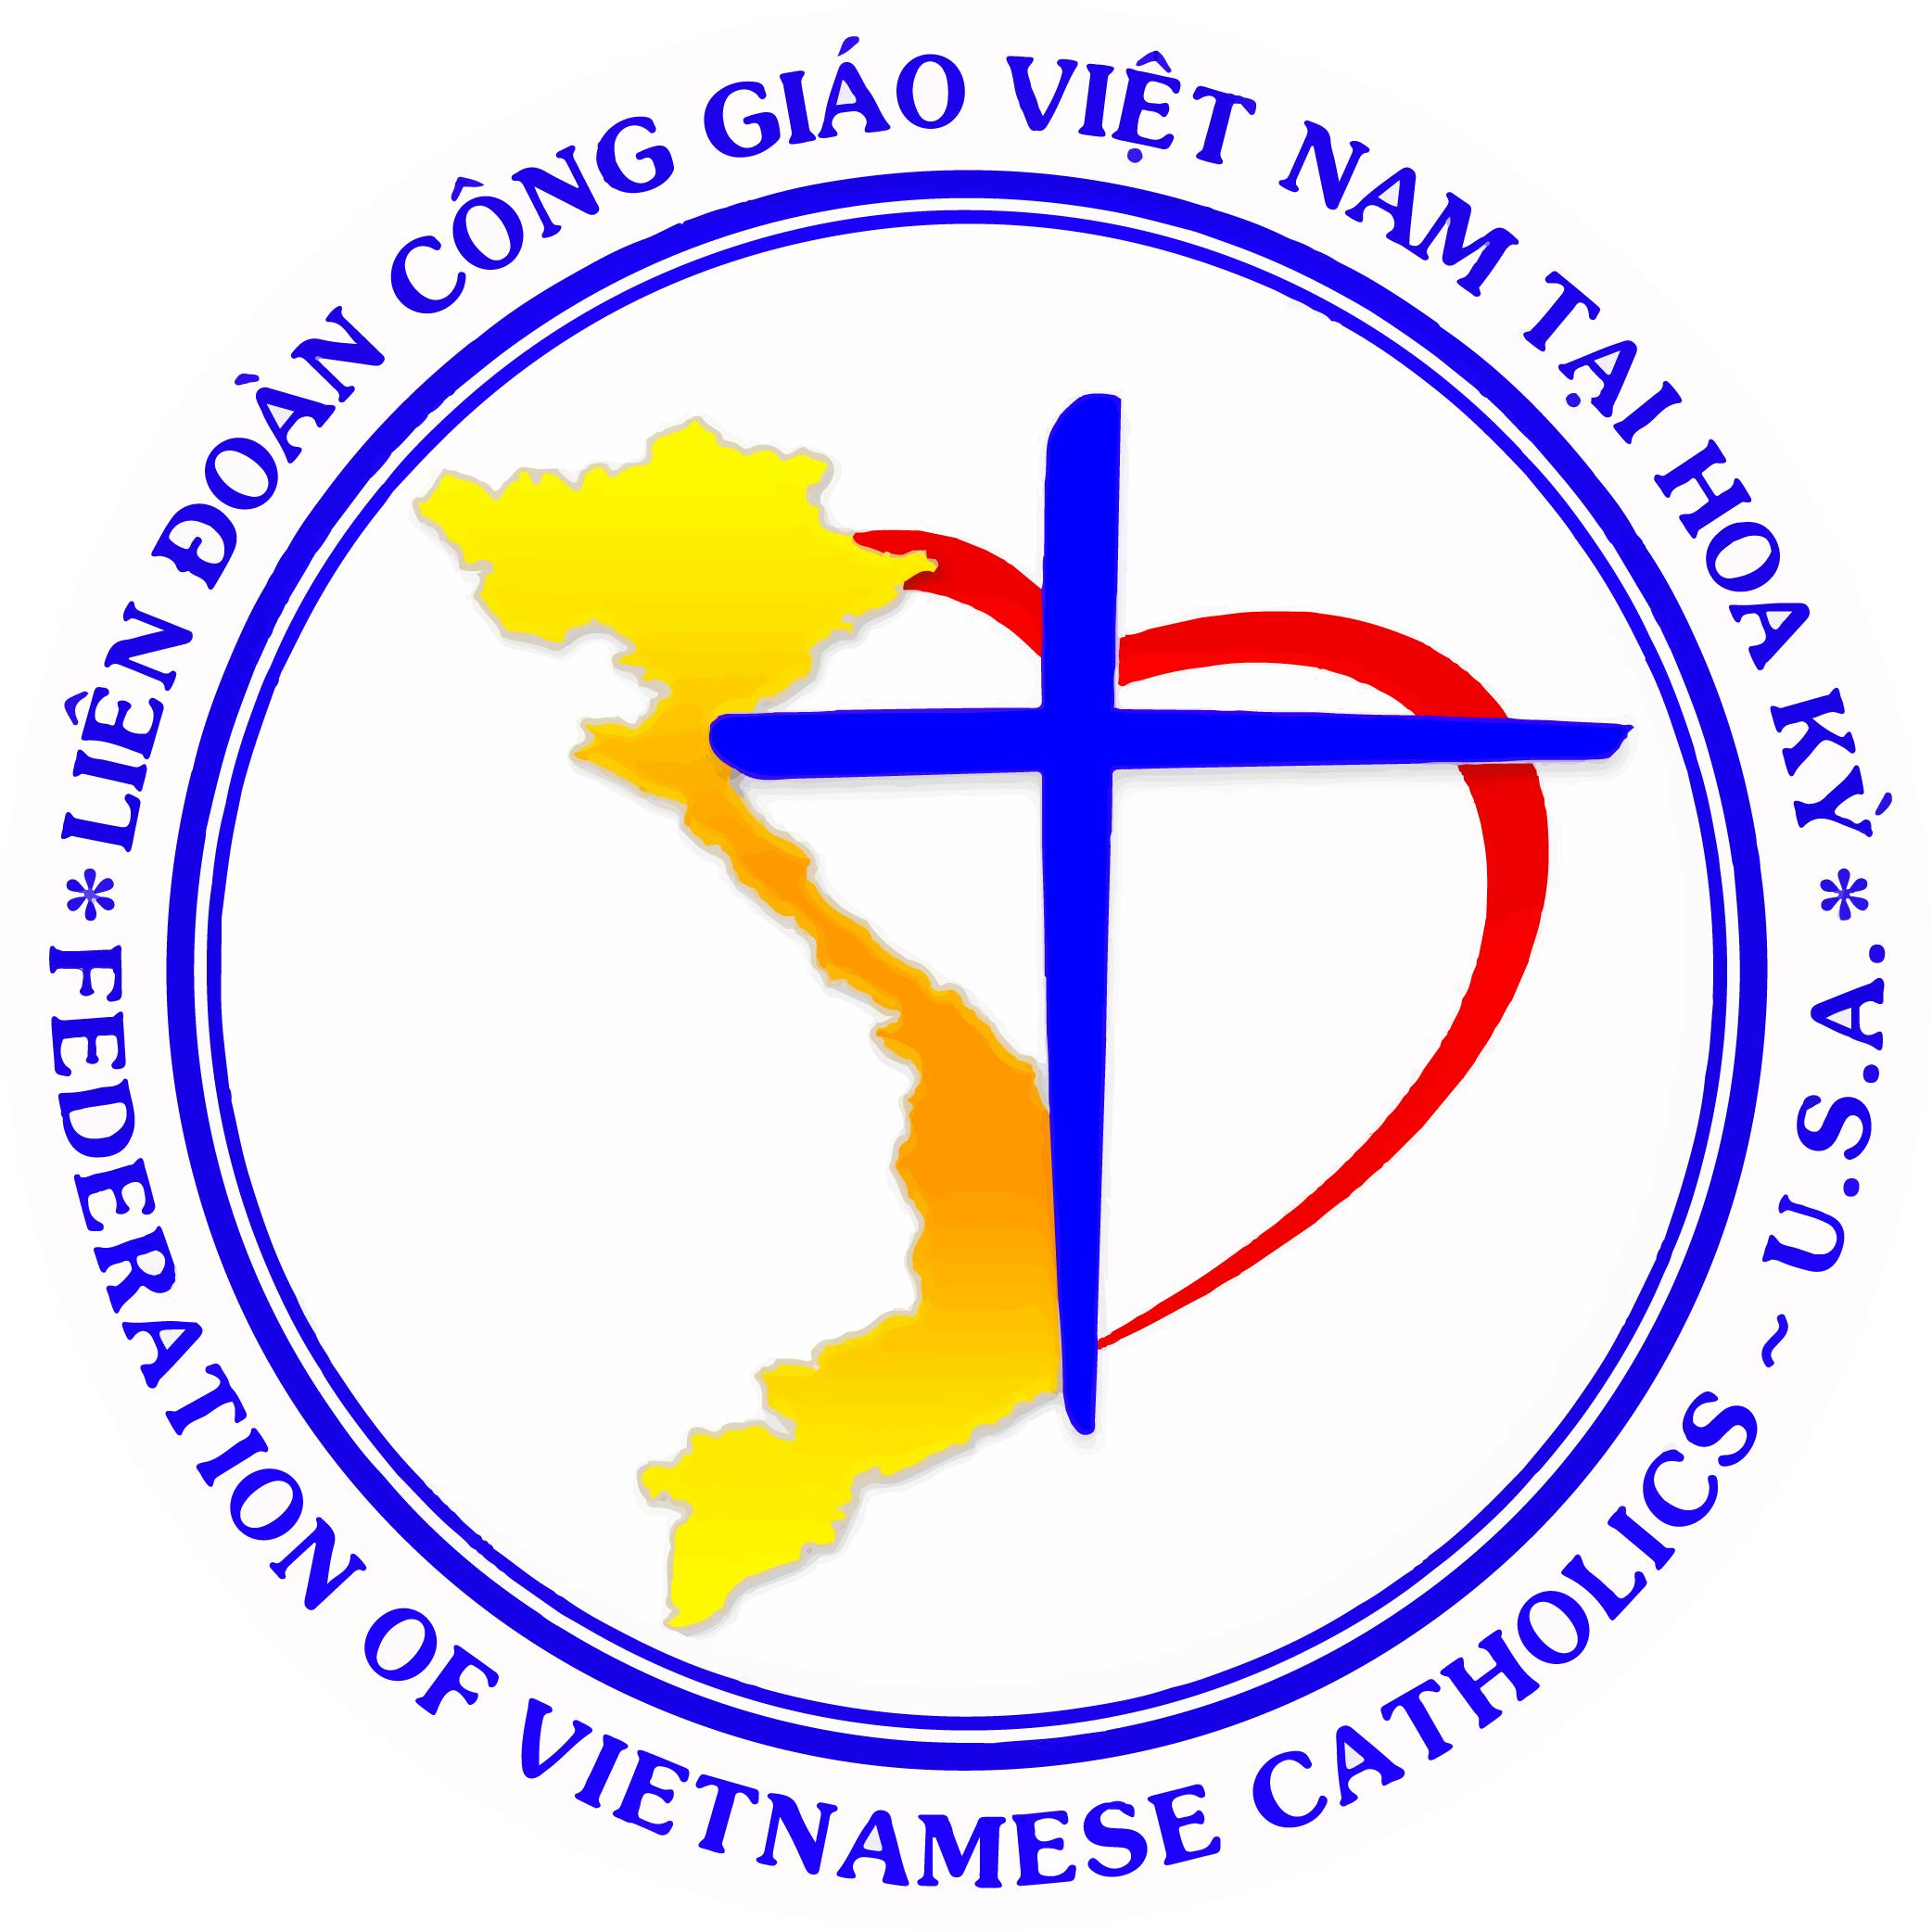 Liên Đoàn Công Giáo Việt Nam Tại Hoa Kỳ